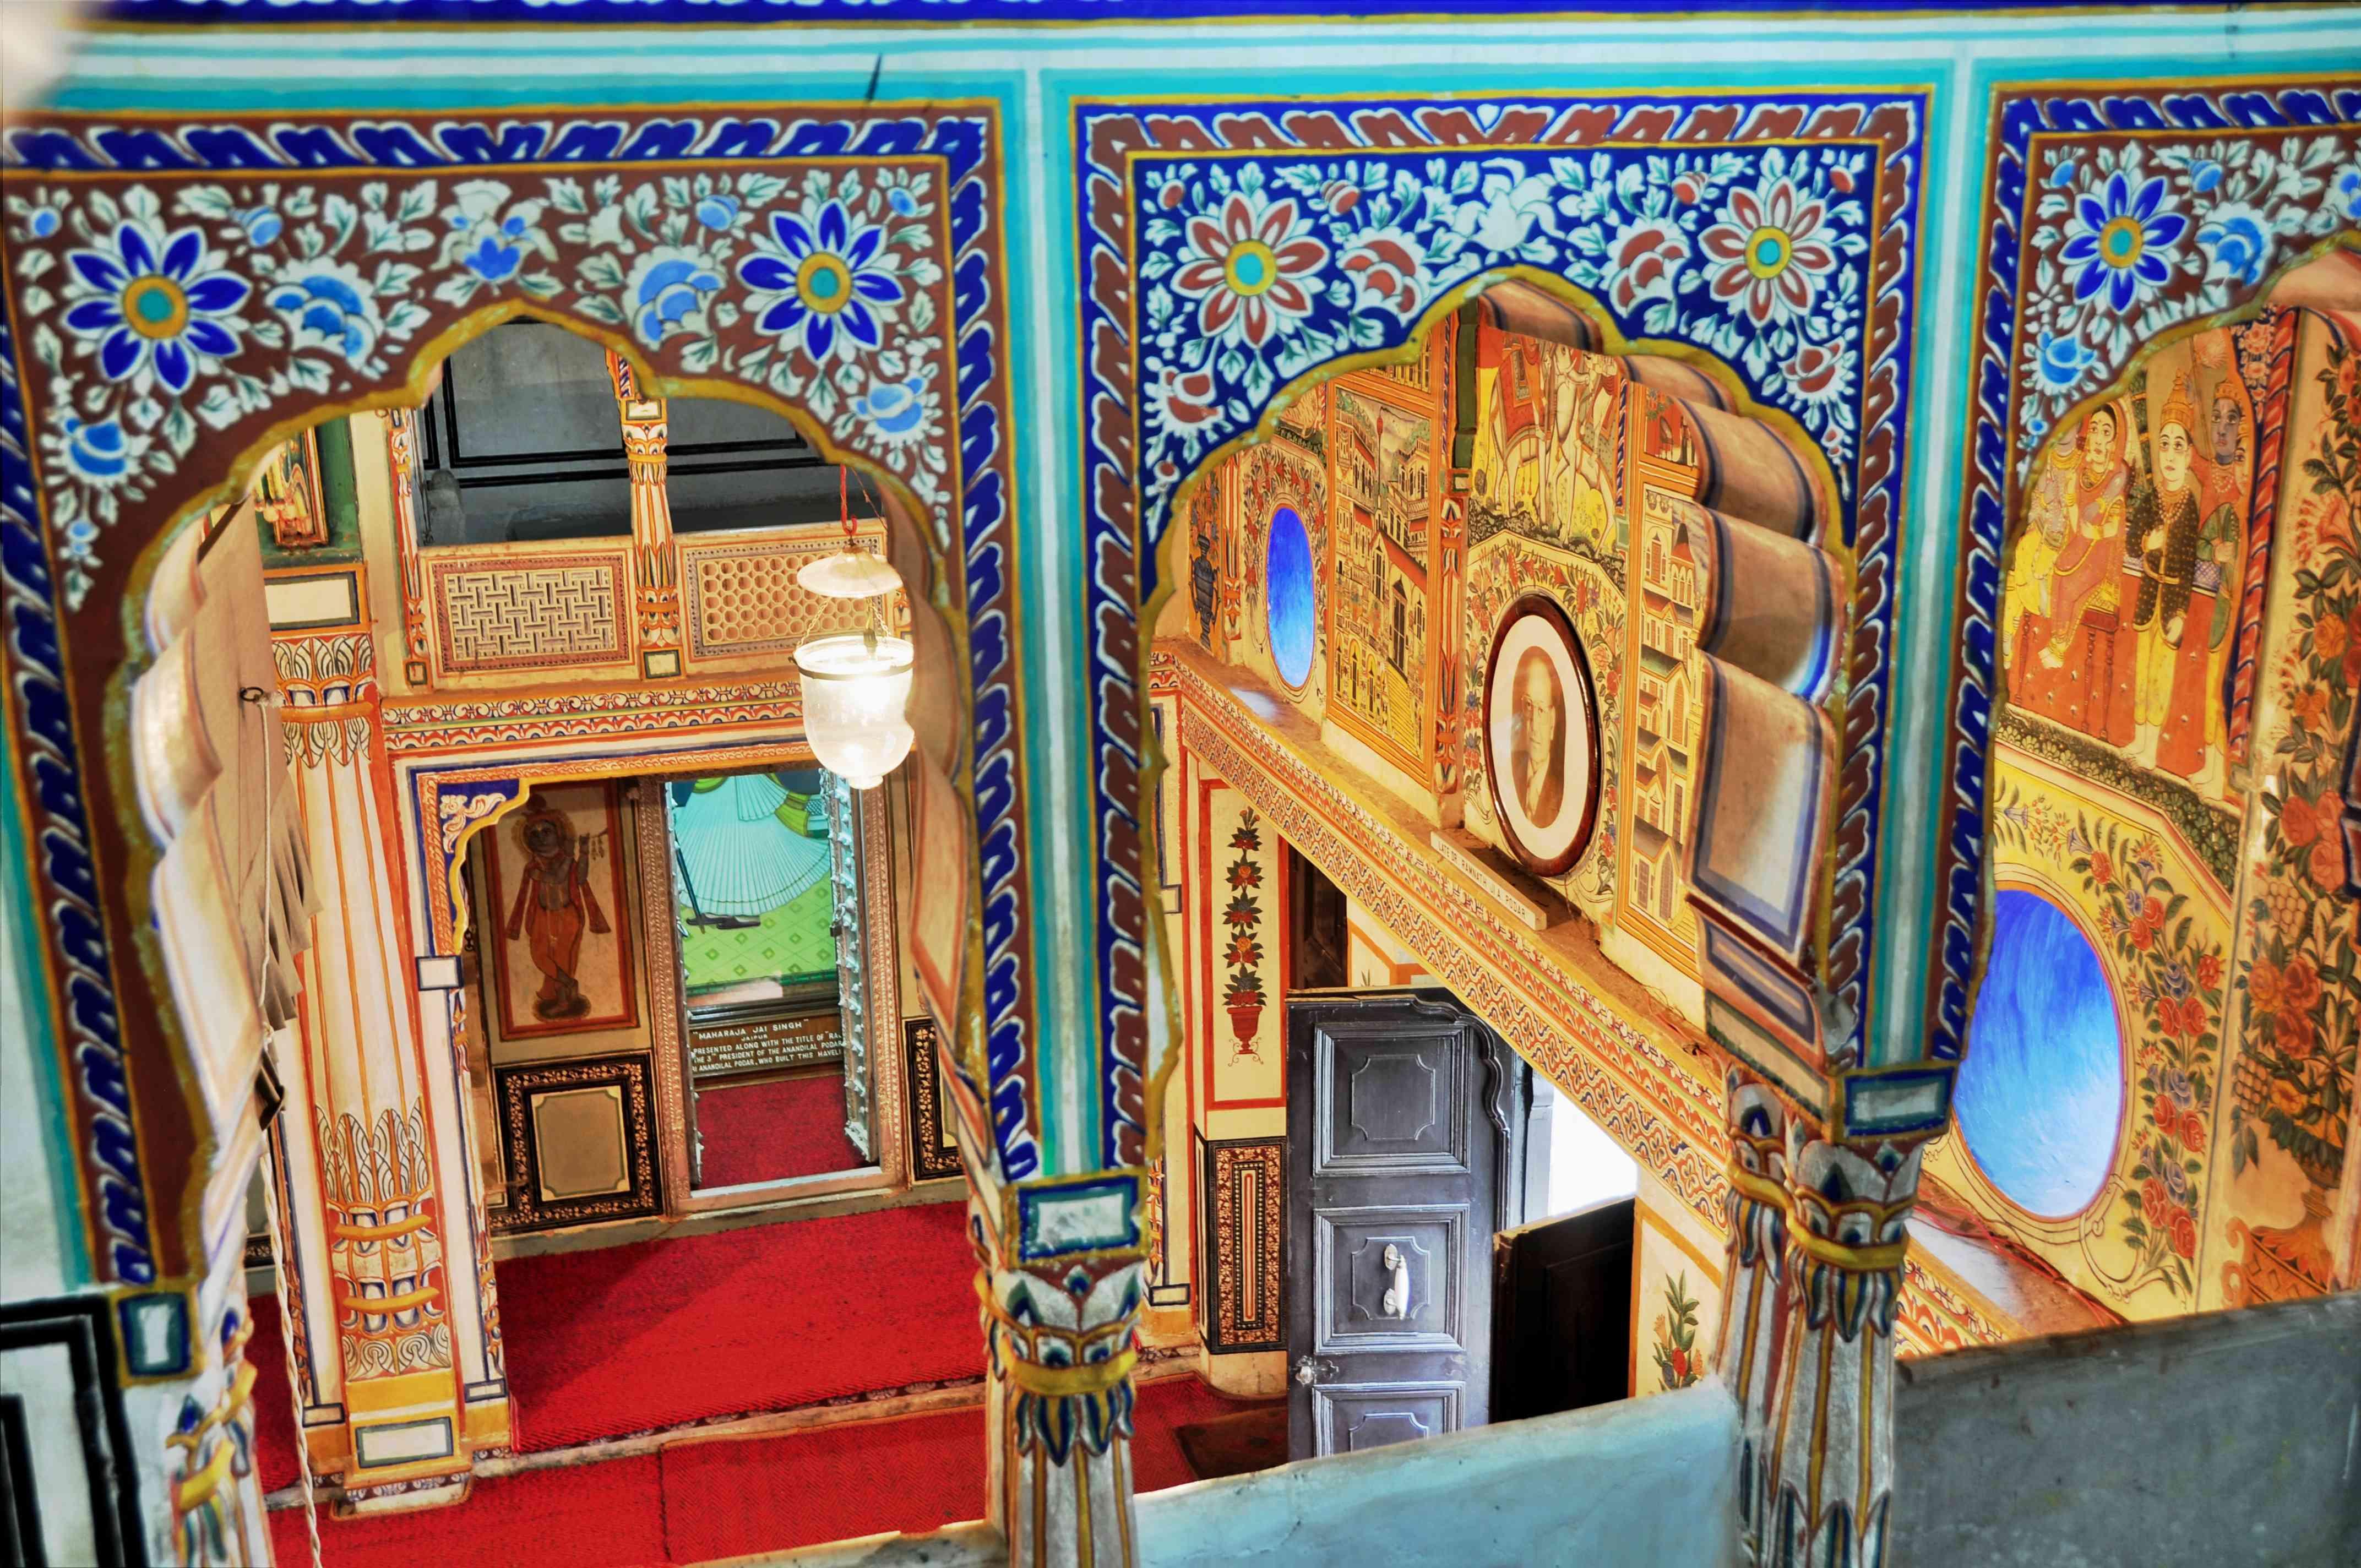 Anandilal Poddar Haveli Museum Nawalgarh